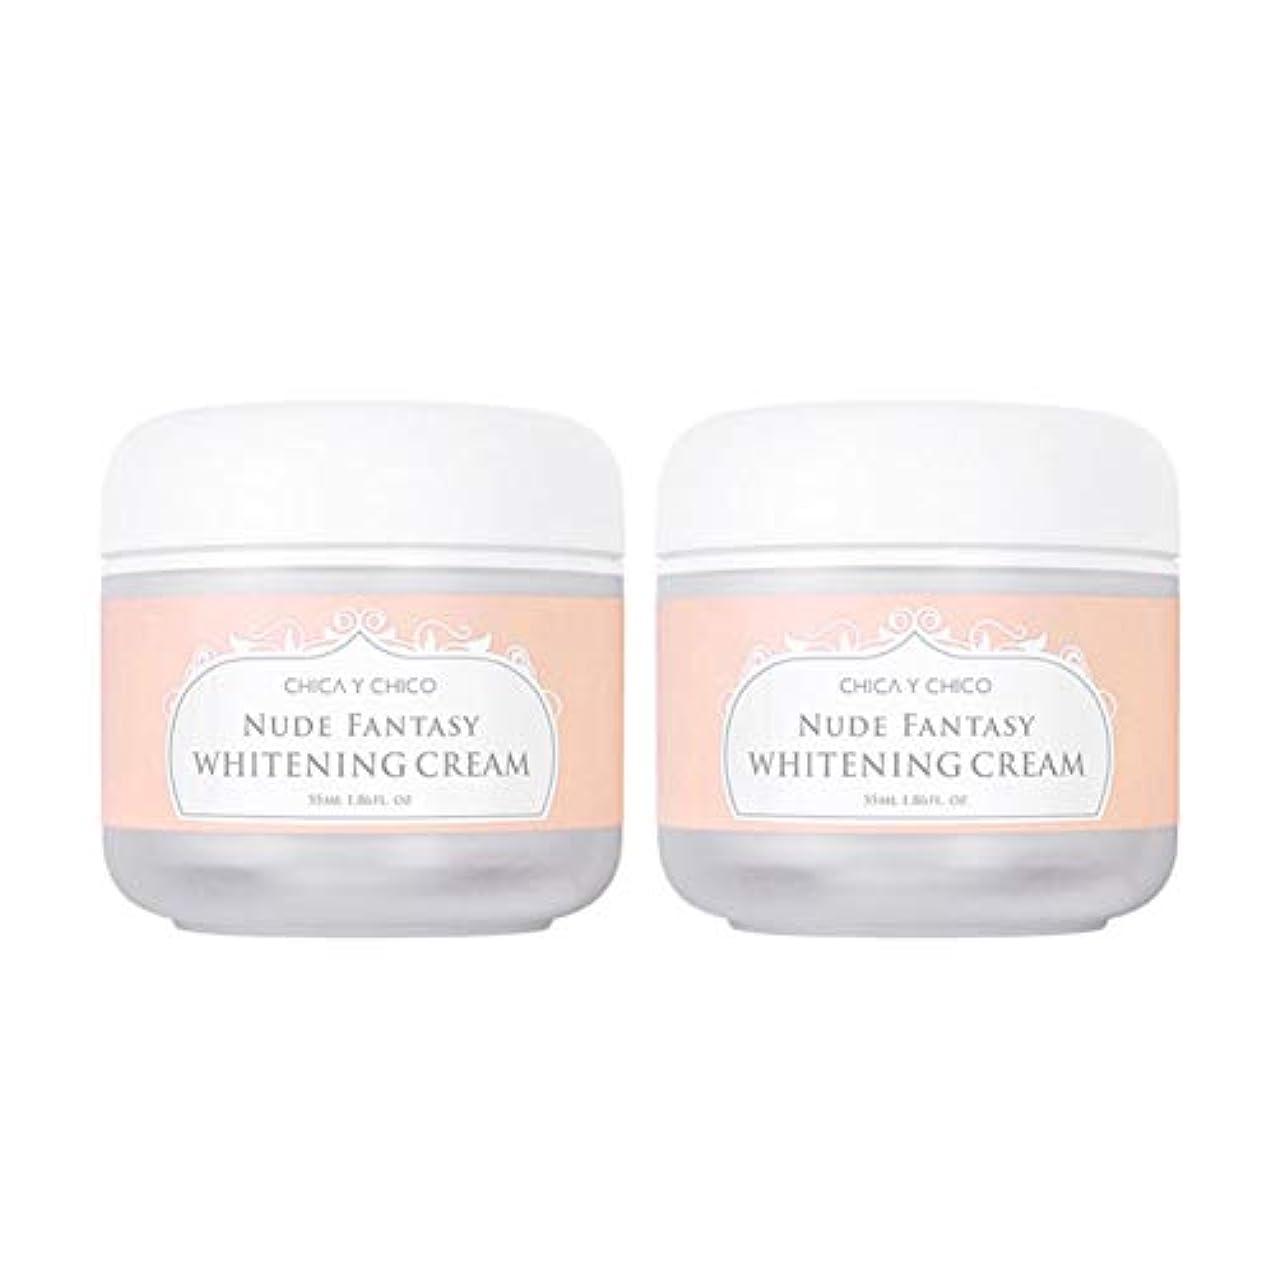 印象的オープニング自宅でチカ?イ?チーコヌードファンタジーホワイトニングクリーム55mlx2本セット韓国コスメ、Chica Y Chico Nude Fantasy Whitening Cream 55ml x 2ea Set Korean Cosmetics...